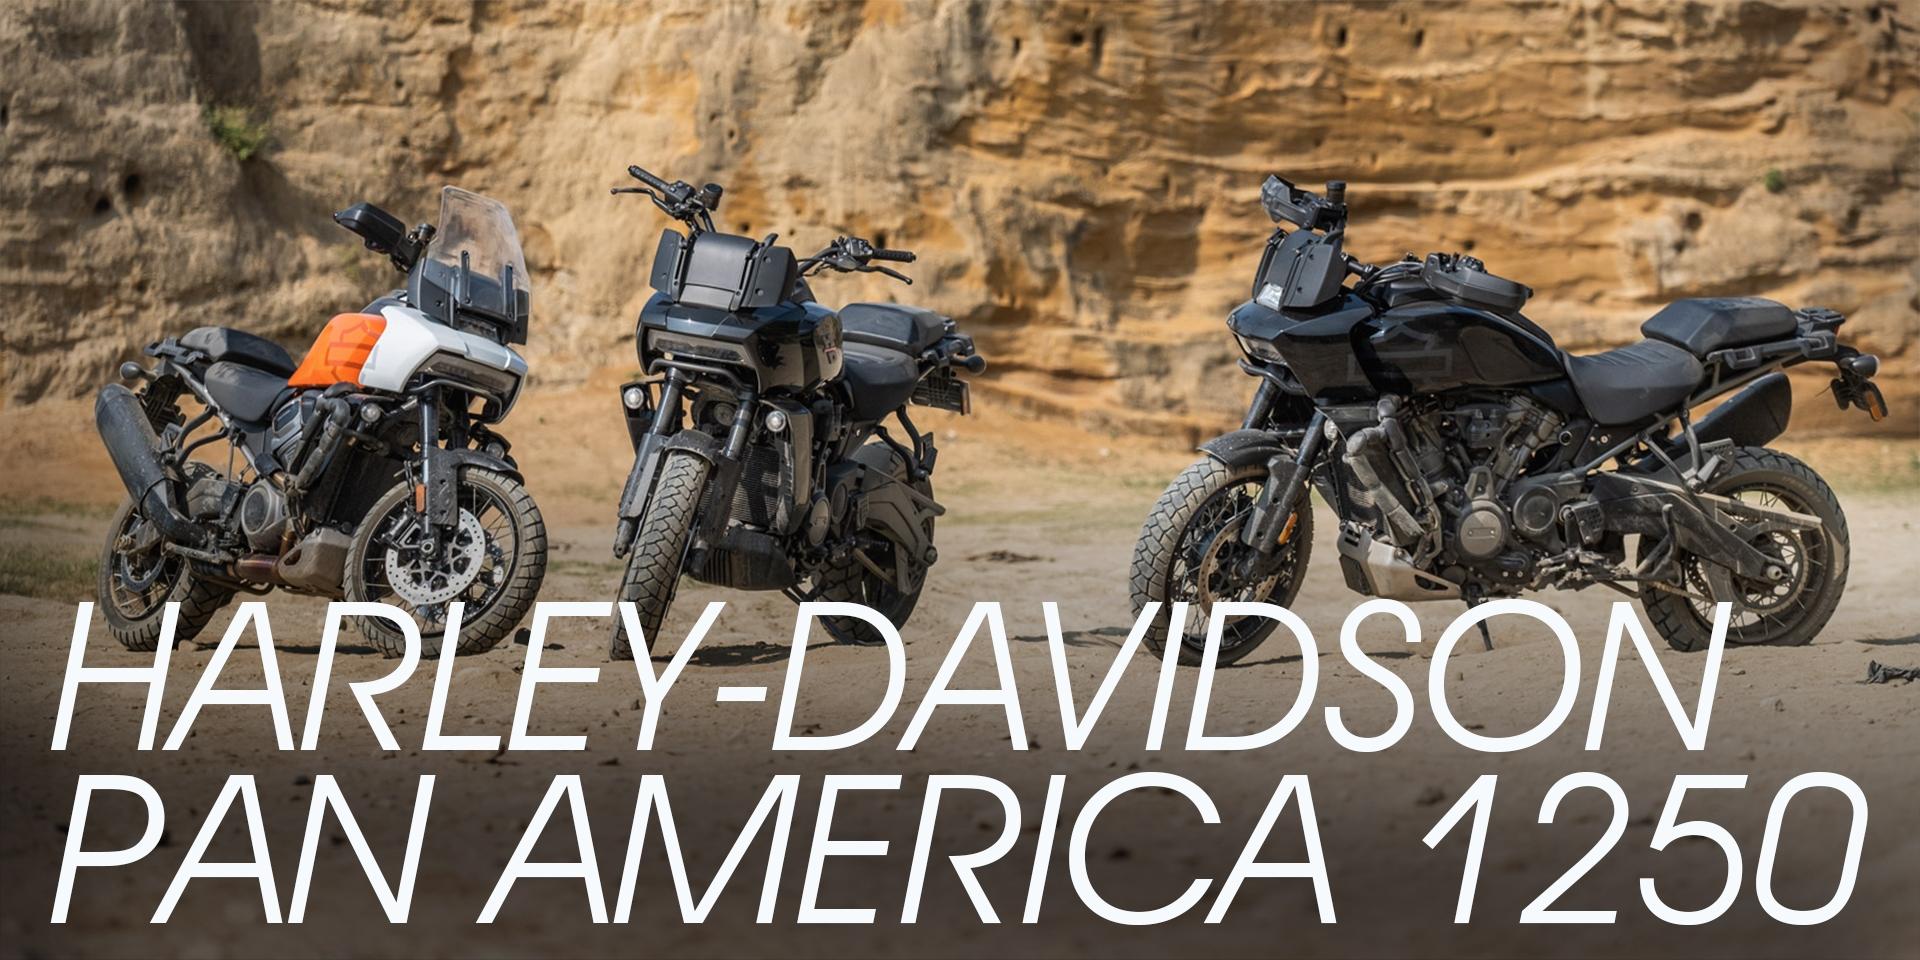 性能、電控強悍,車高調整讓人驚艷!Harley-Davidson Pan America 1250 試乘分享